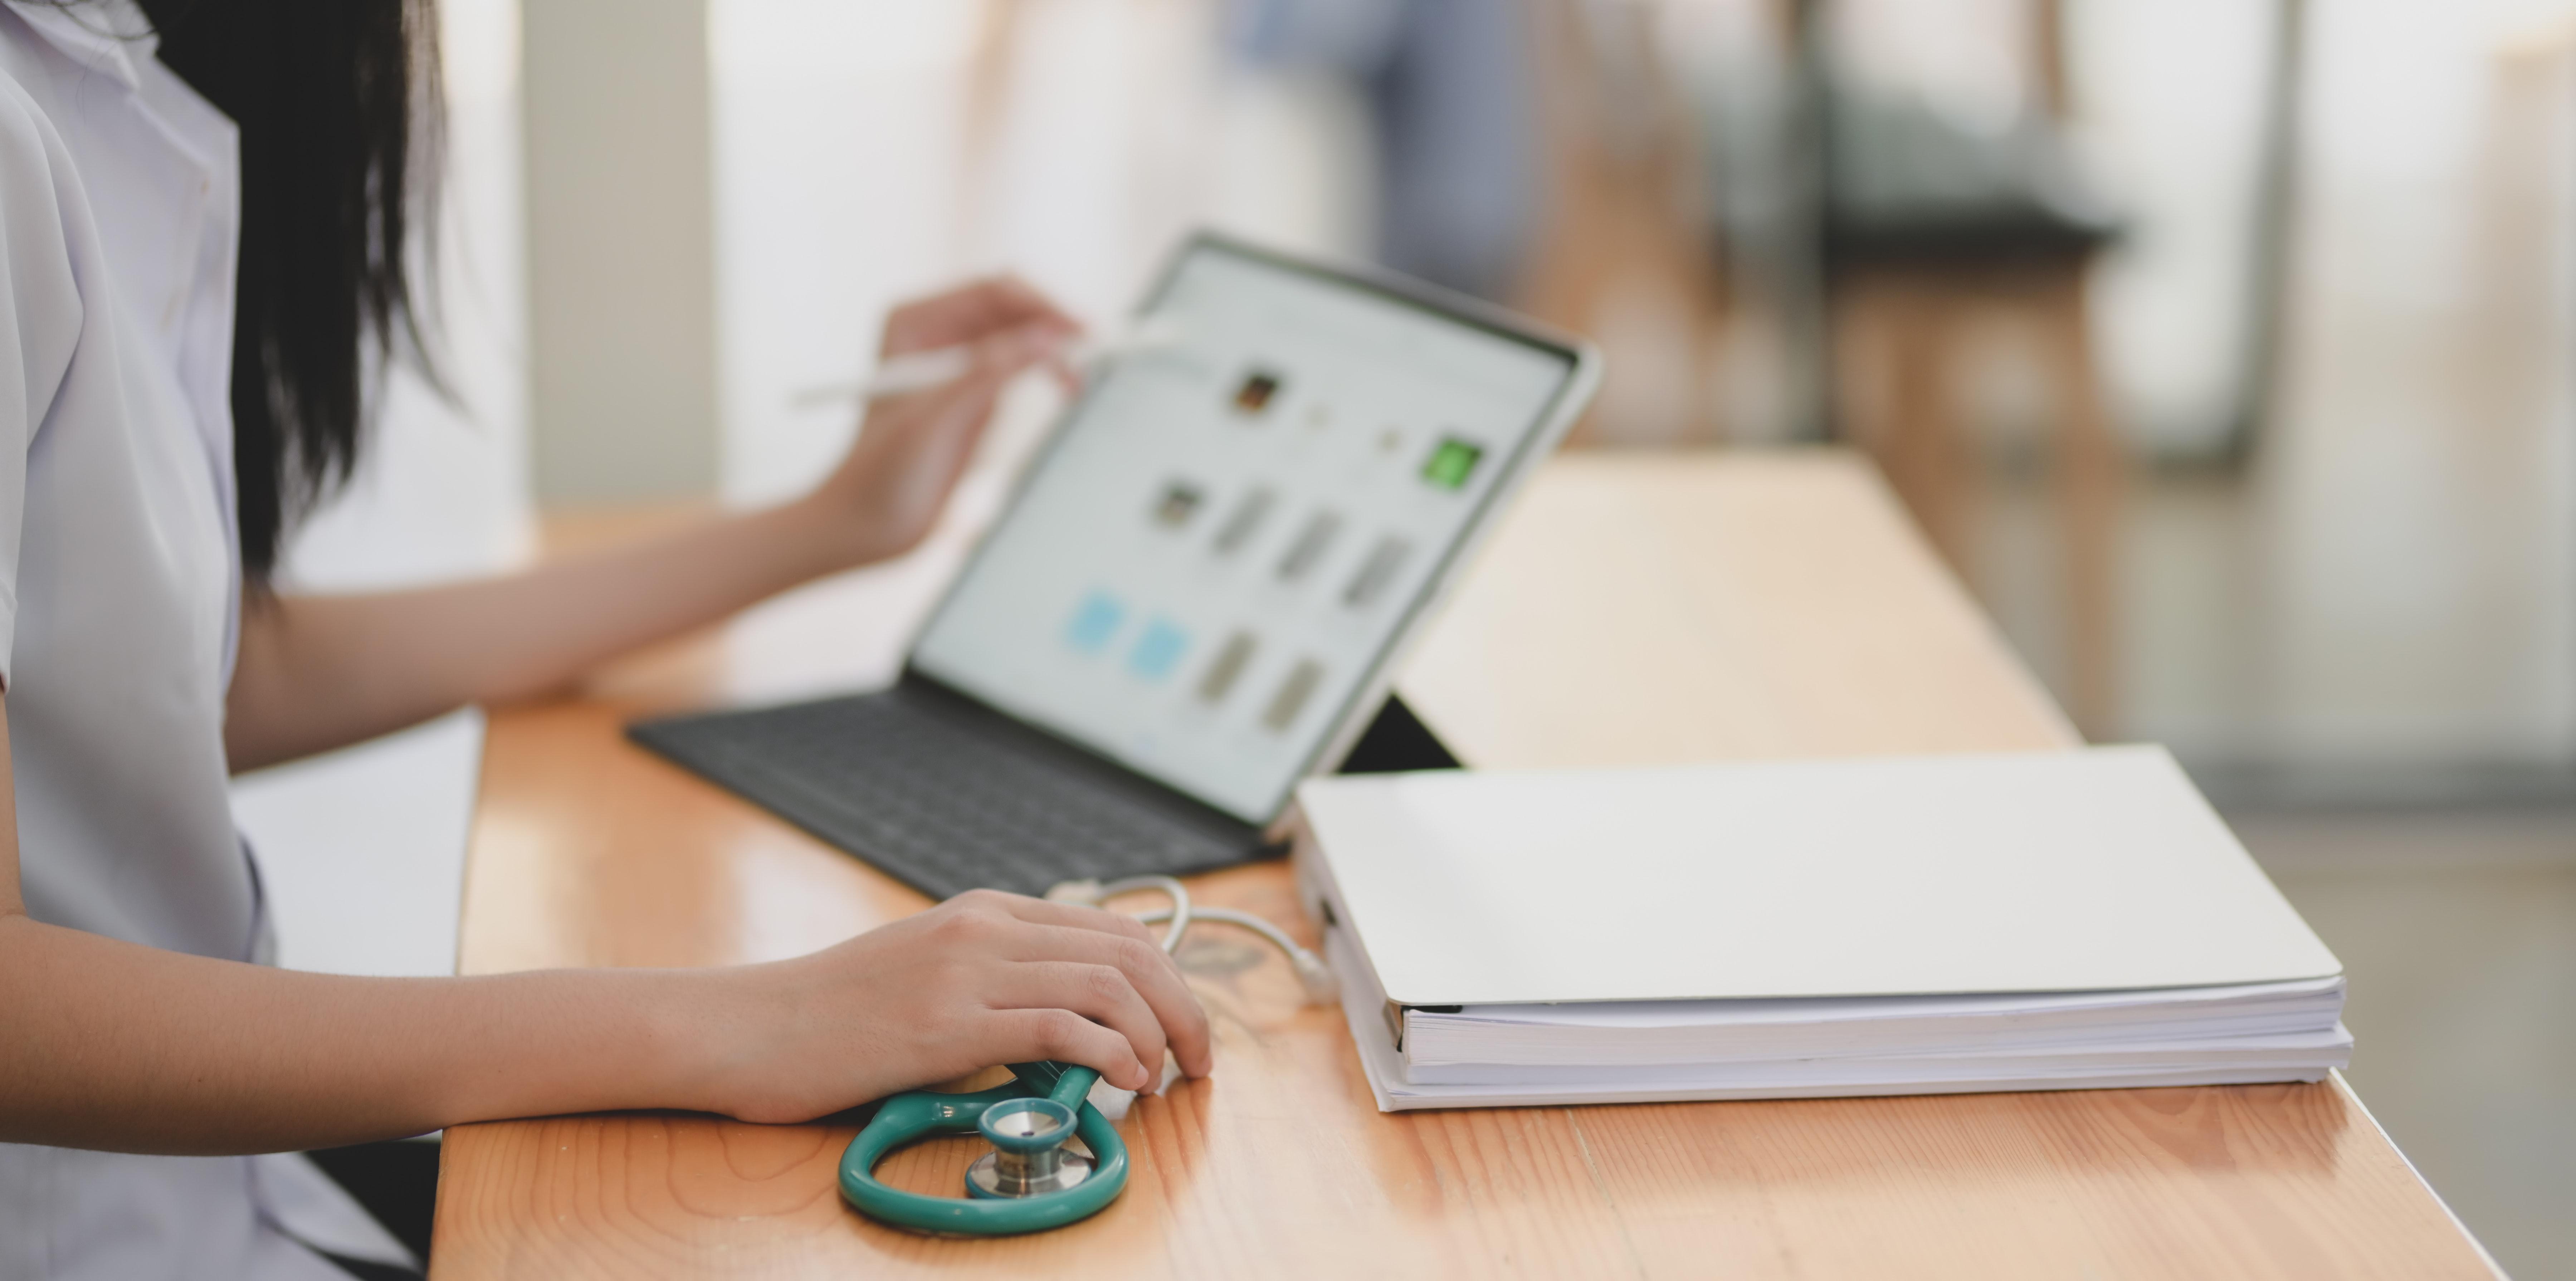 Quais as melhores estratégias de marketing para consultórios médicos